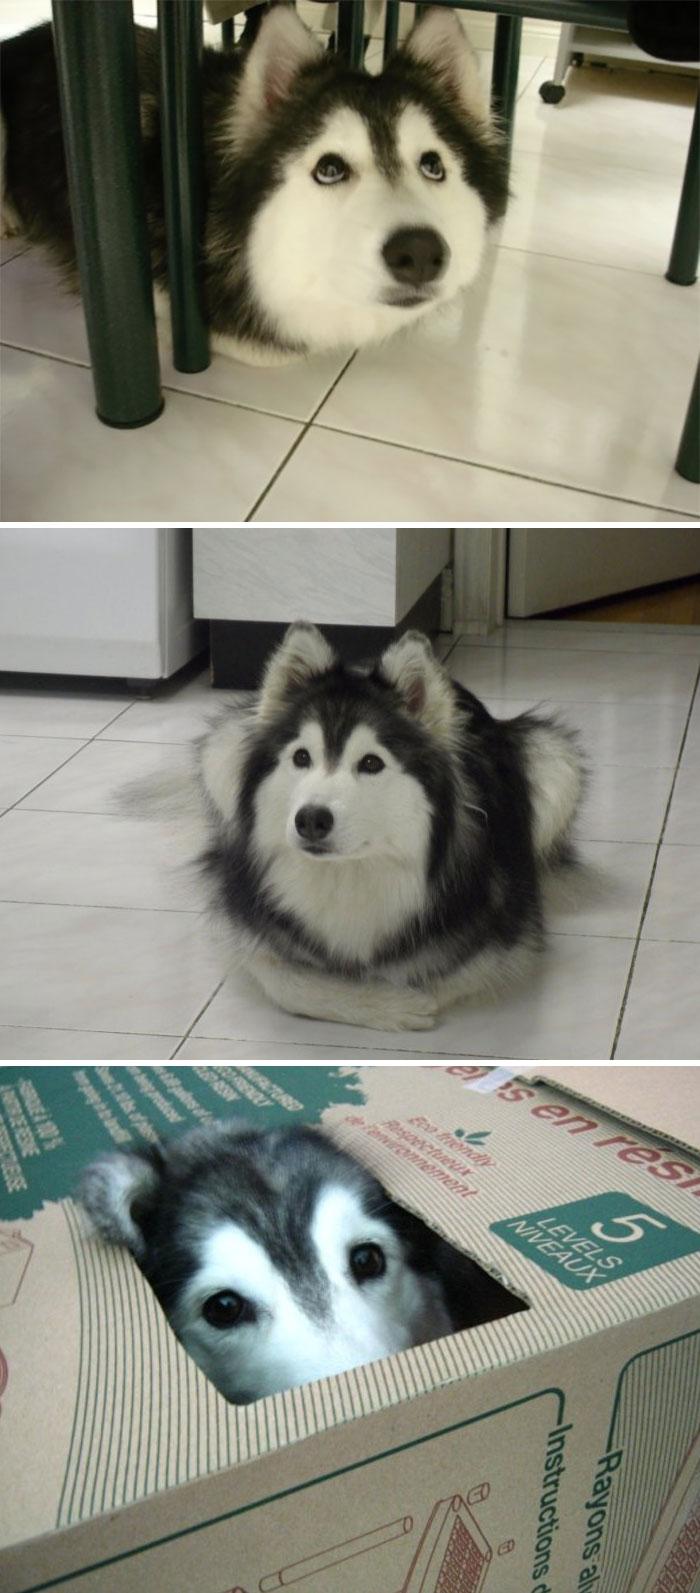 husky thinks he's a cat